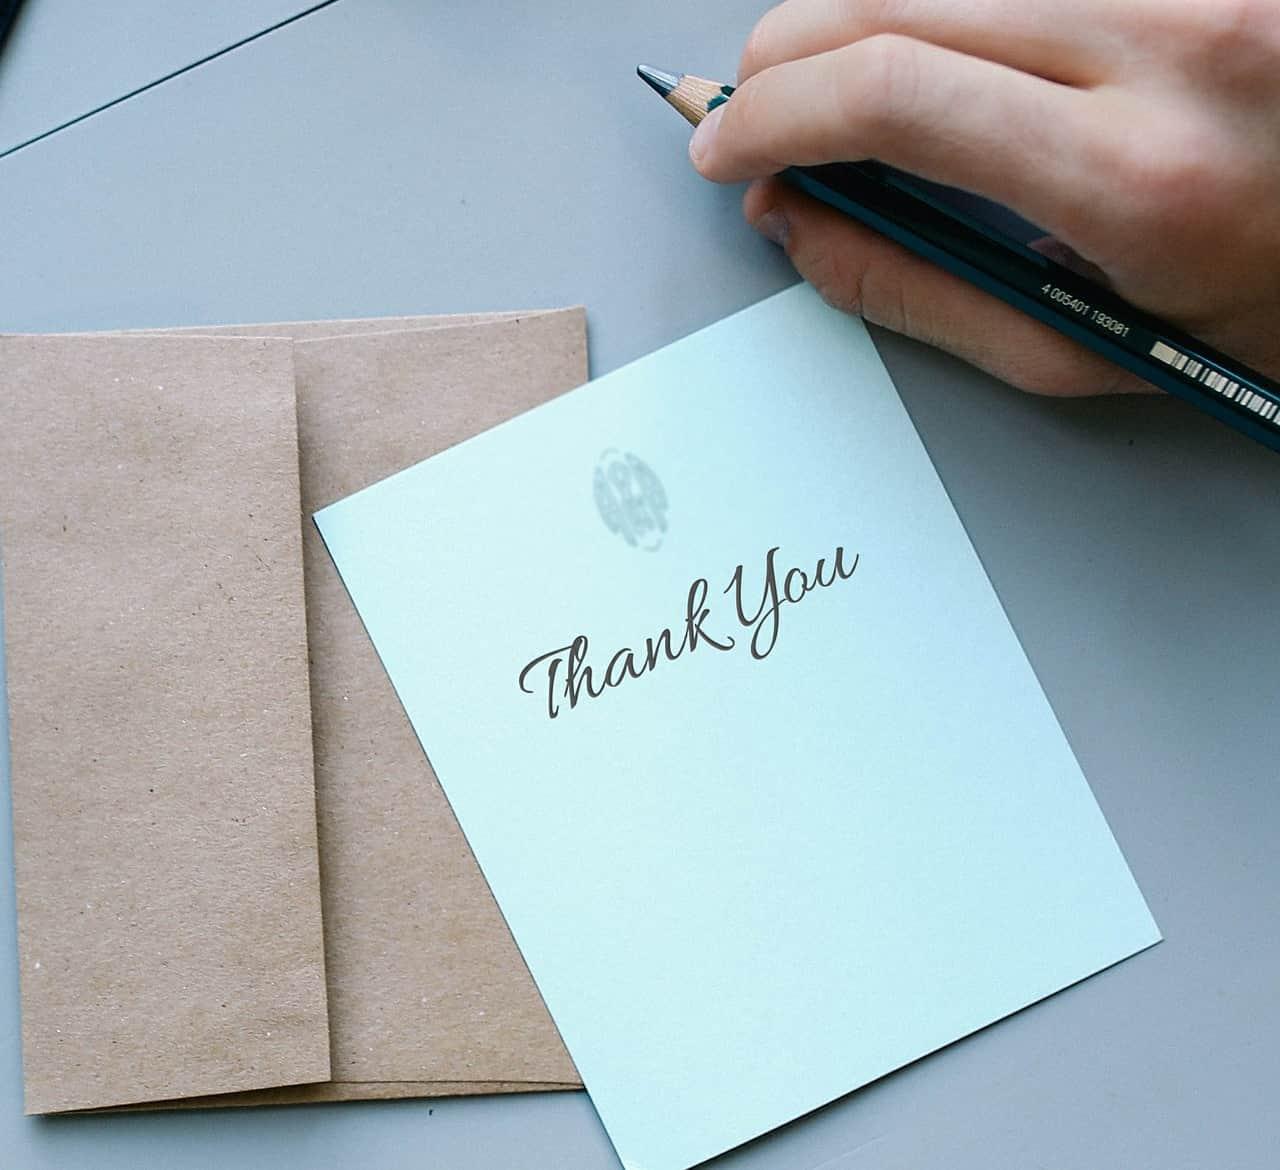 صيغة خطاب شكر وتقدير لموظف